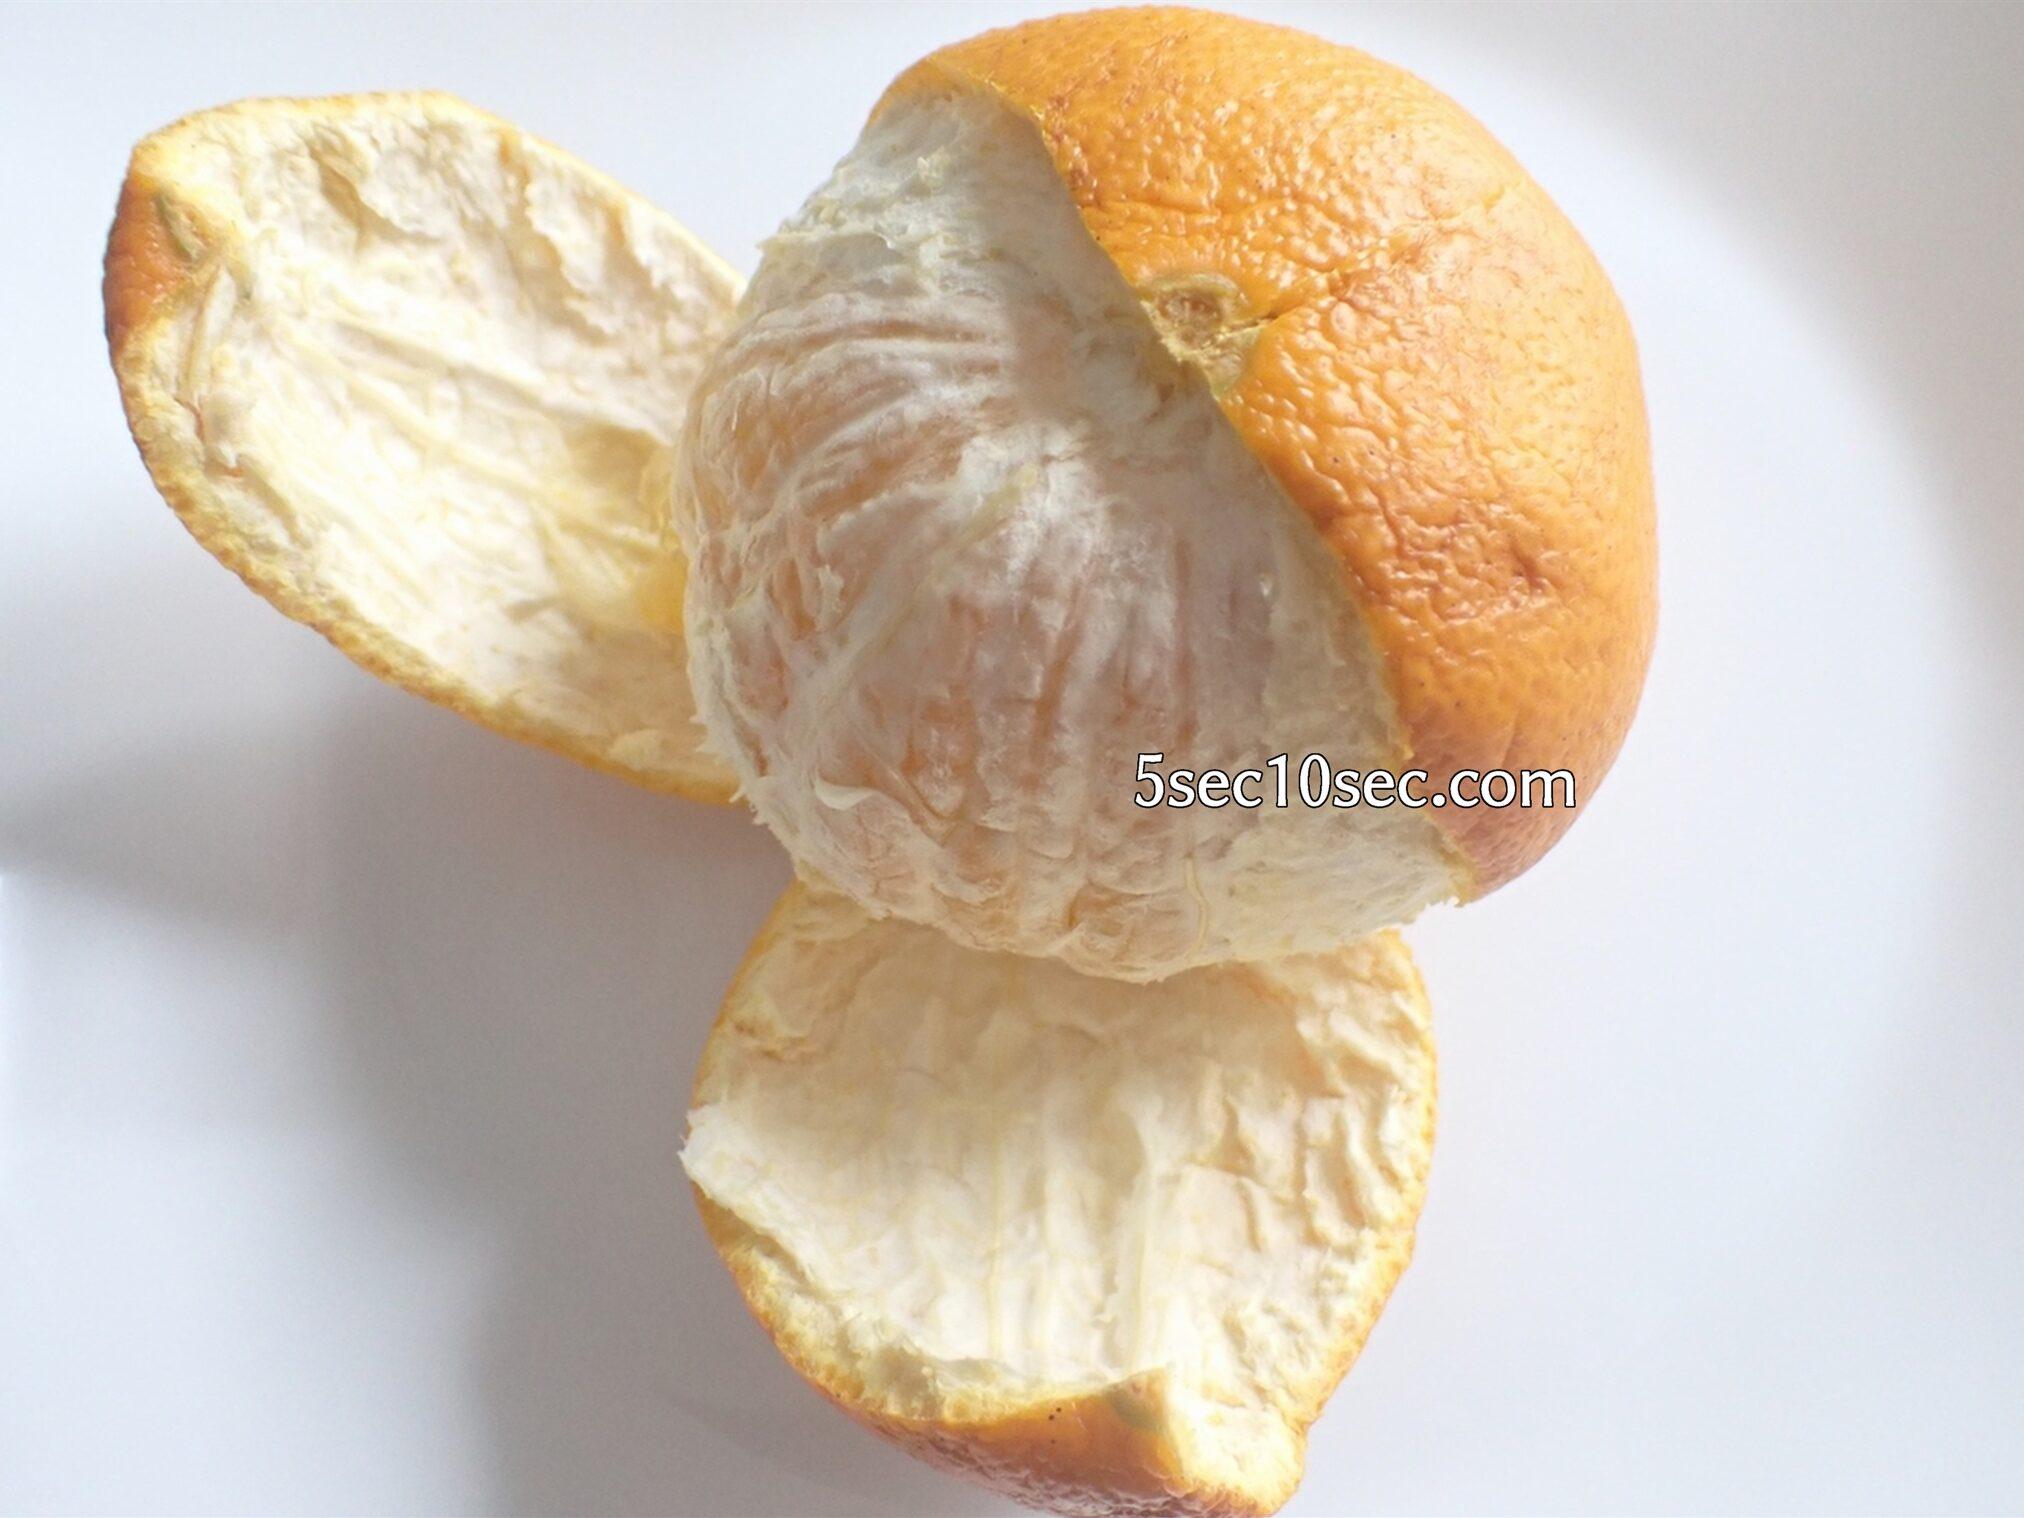 八朔、甘夏など皮が厚い柑橘の簡単な剥き方